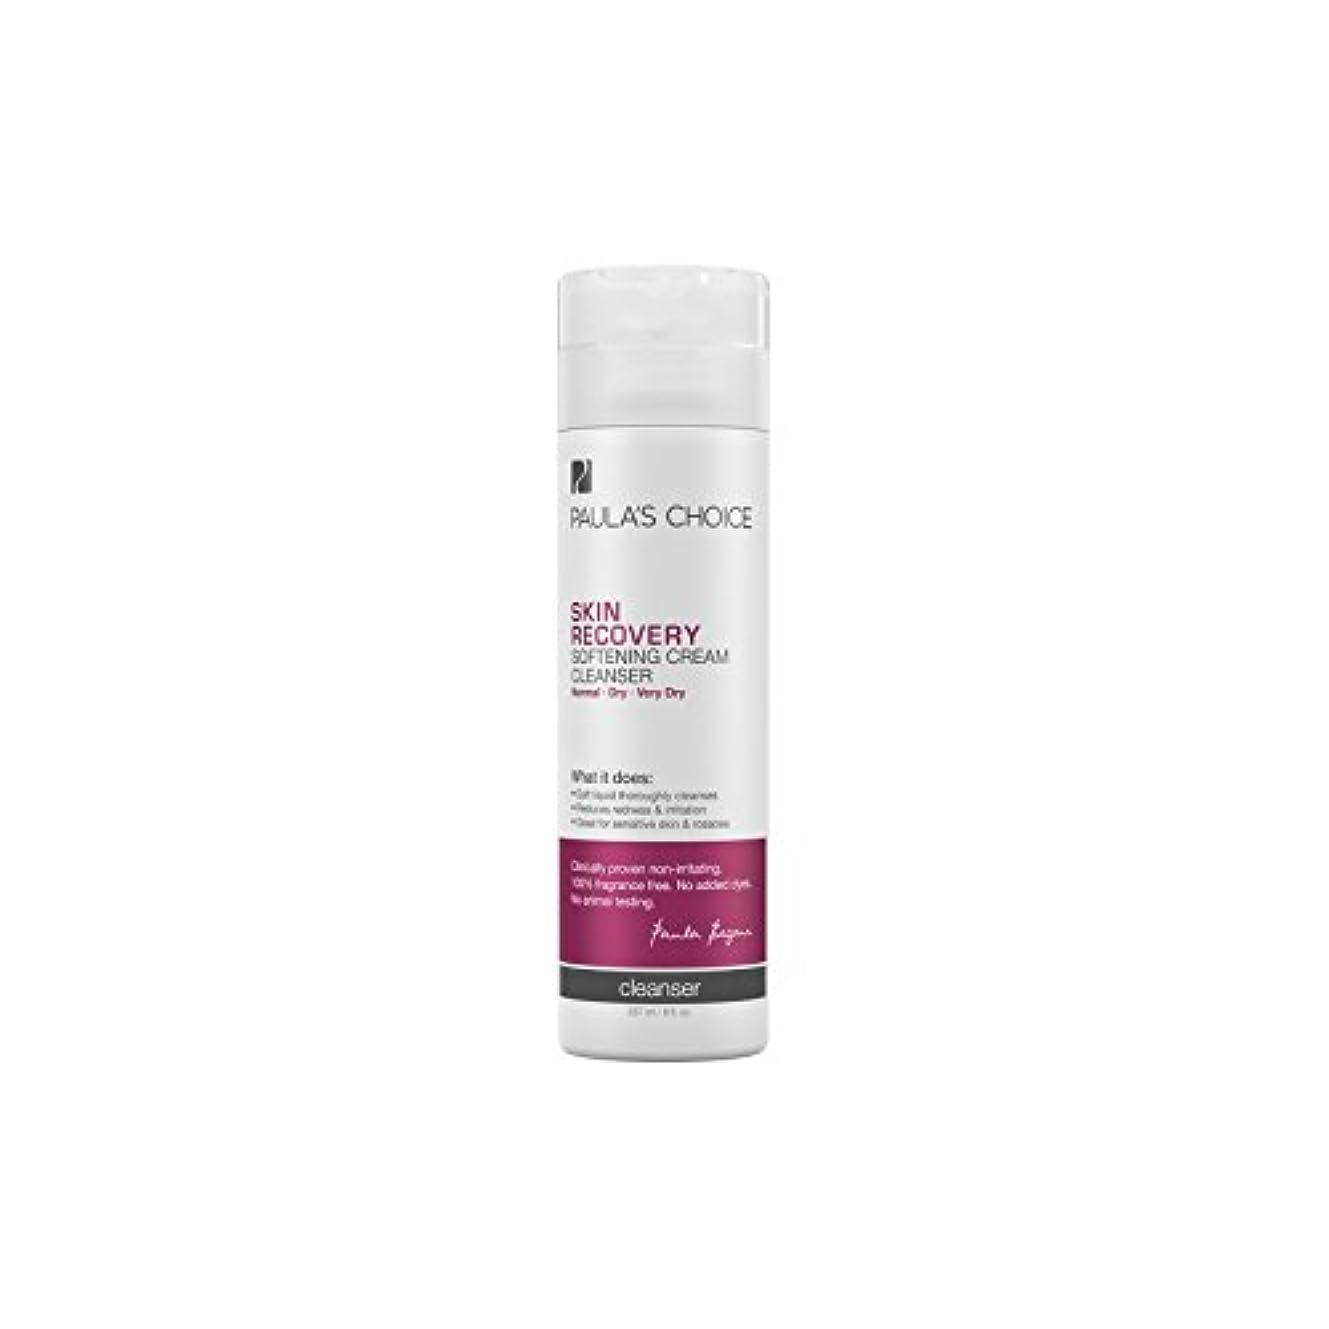 課税その後さておき[Paula's Choice] ポーラチョイスの肌の回復軟化クリームクレンザー(237ミリリットル) - Paula's Choice Skin Recovery Softening Cream Cleanser (237ml...